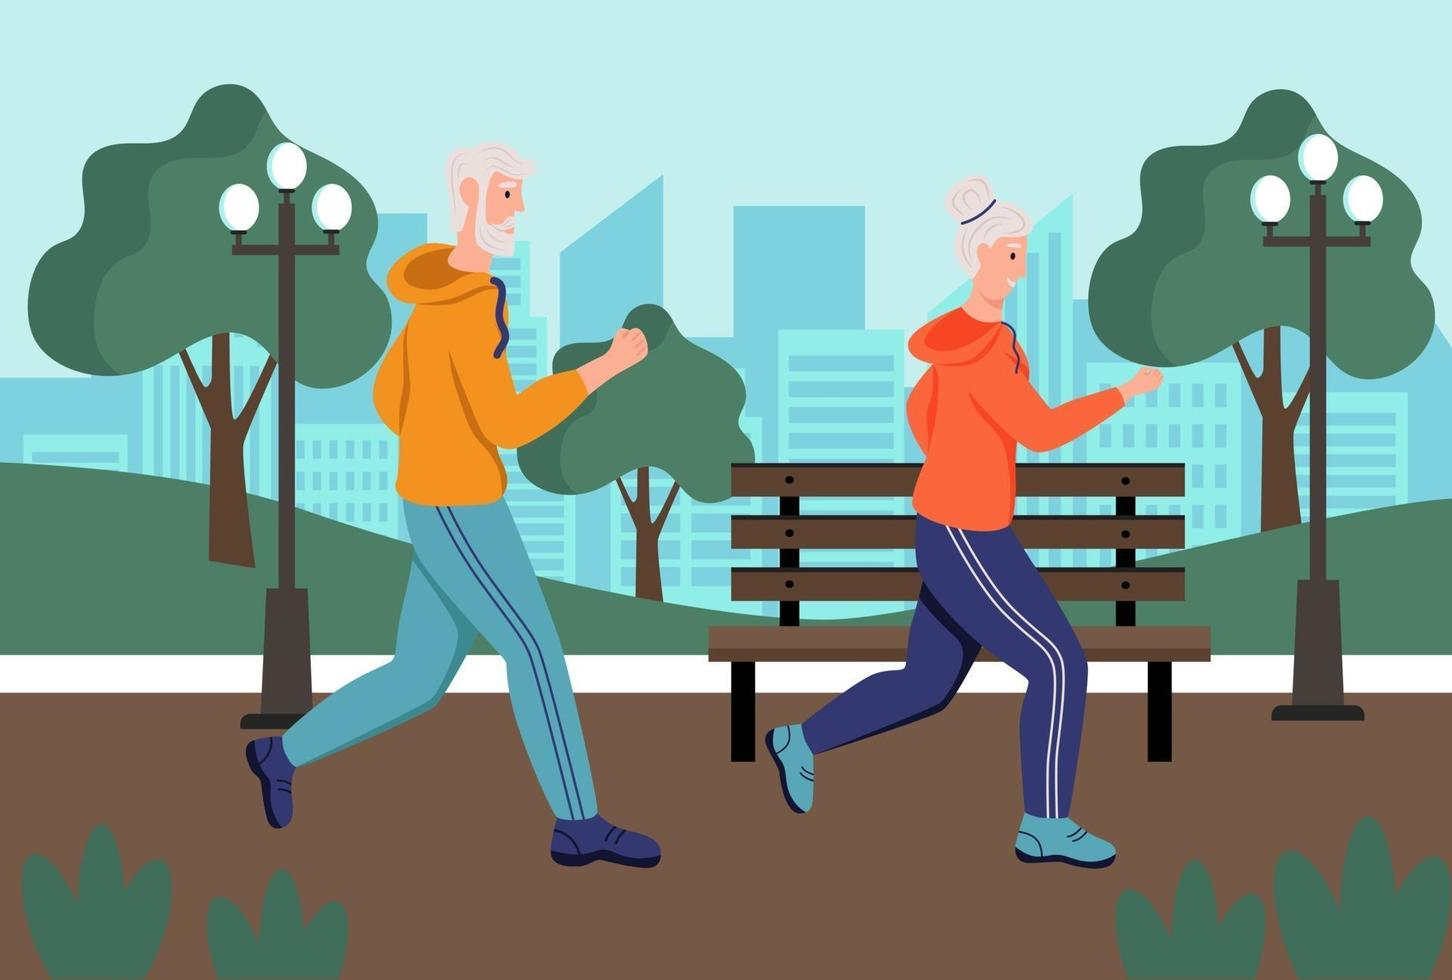 um casal de idosos corre no parque. o conceito de velhice ativa, esportes e corrida. dia do idoso. ilustração em vetor plana dos desenhos animados.